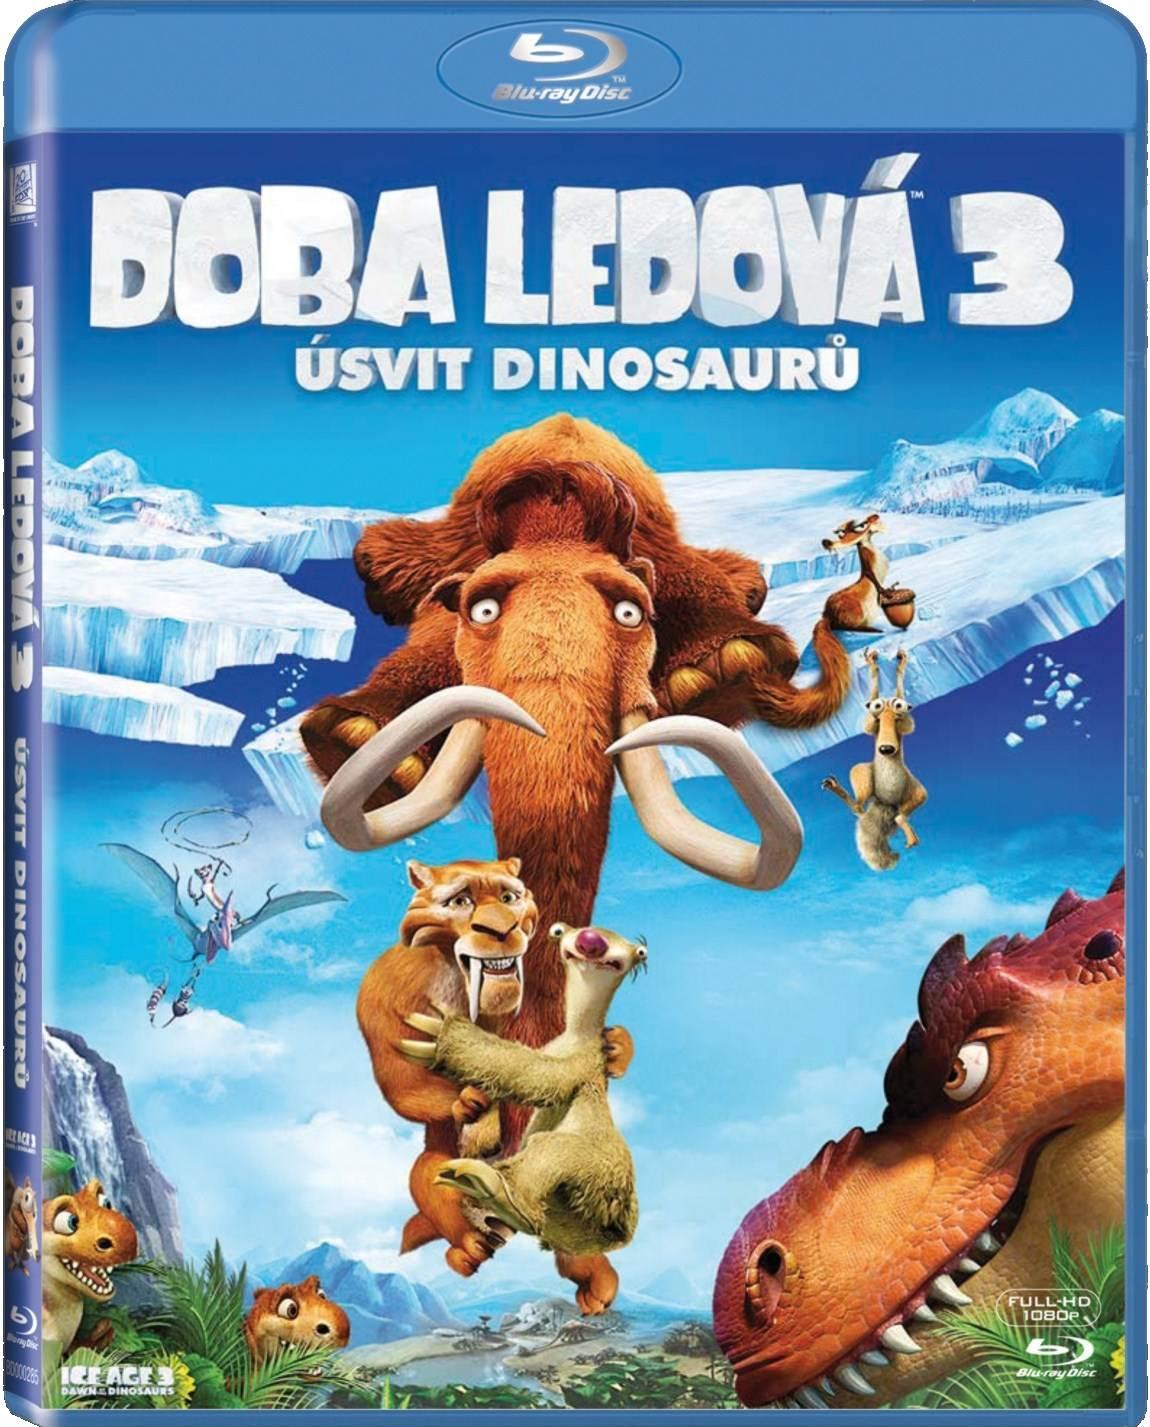 DOBA LEDOVÁ 3: ÚSVIT DINOSAURŮ - Blu-ray